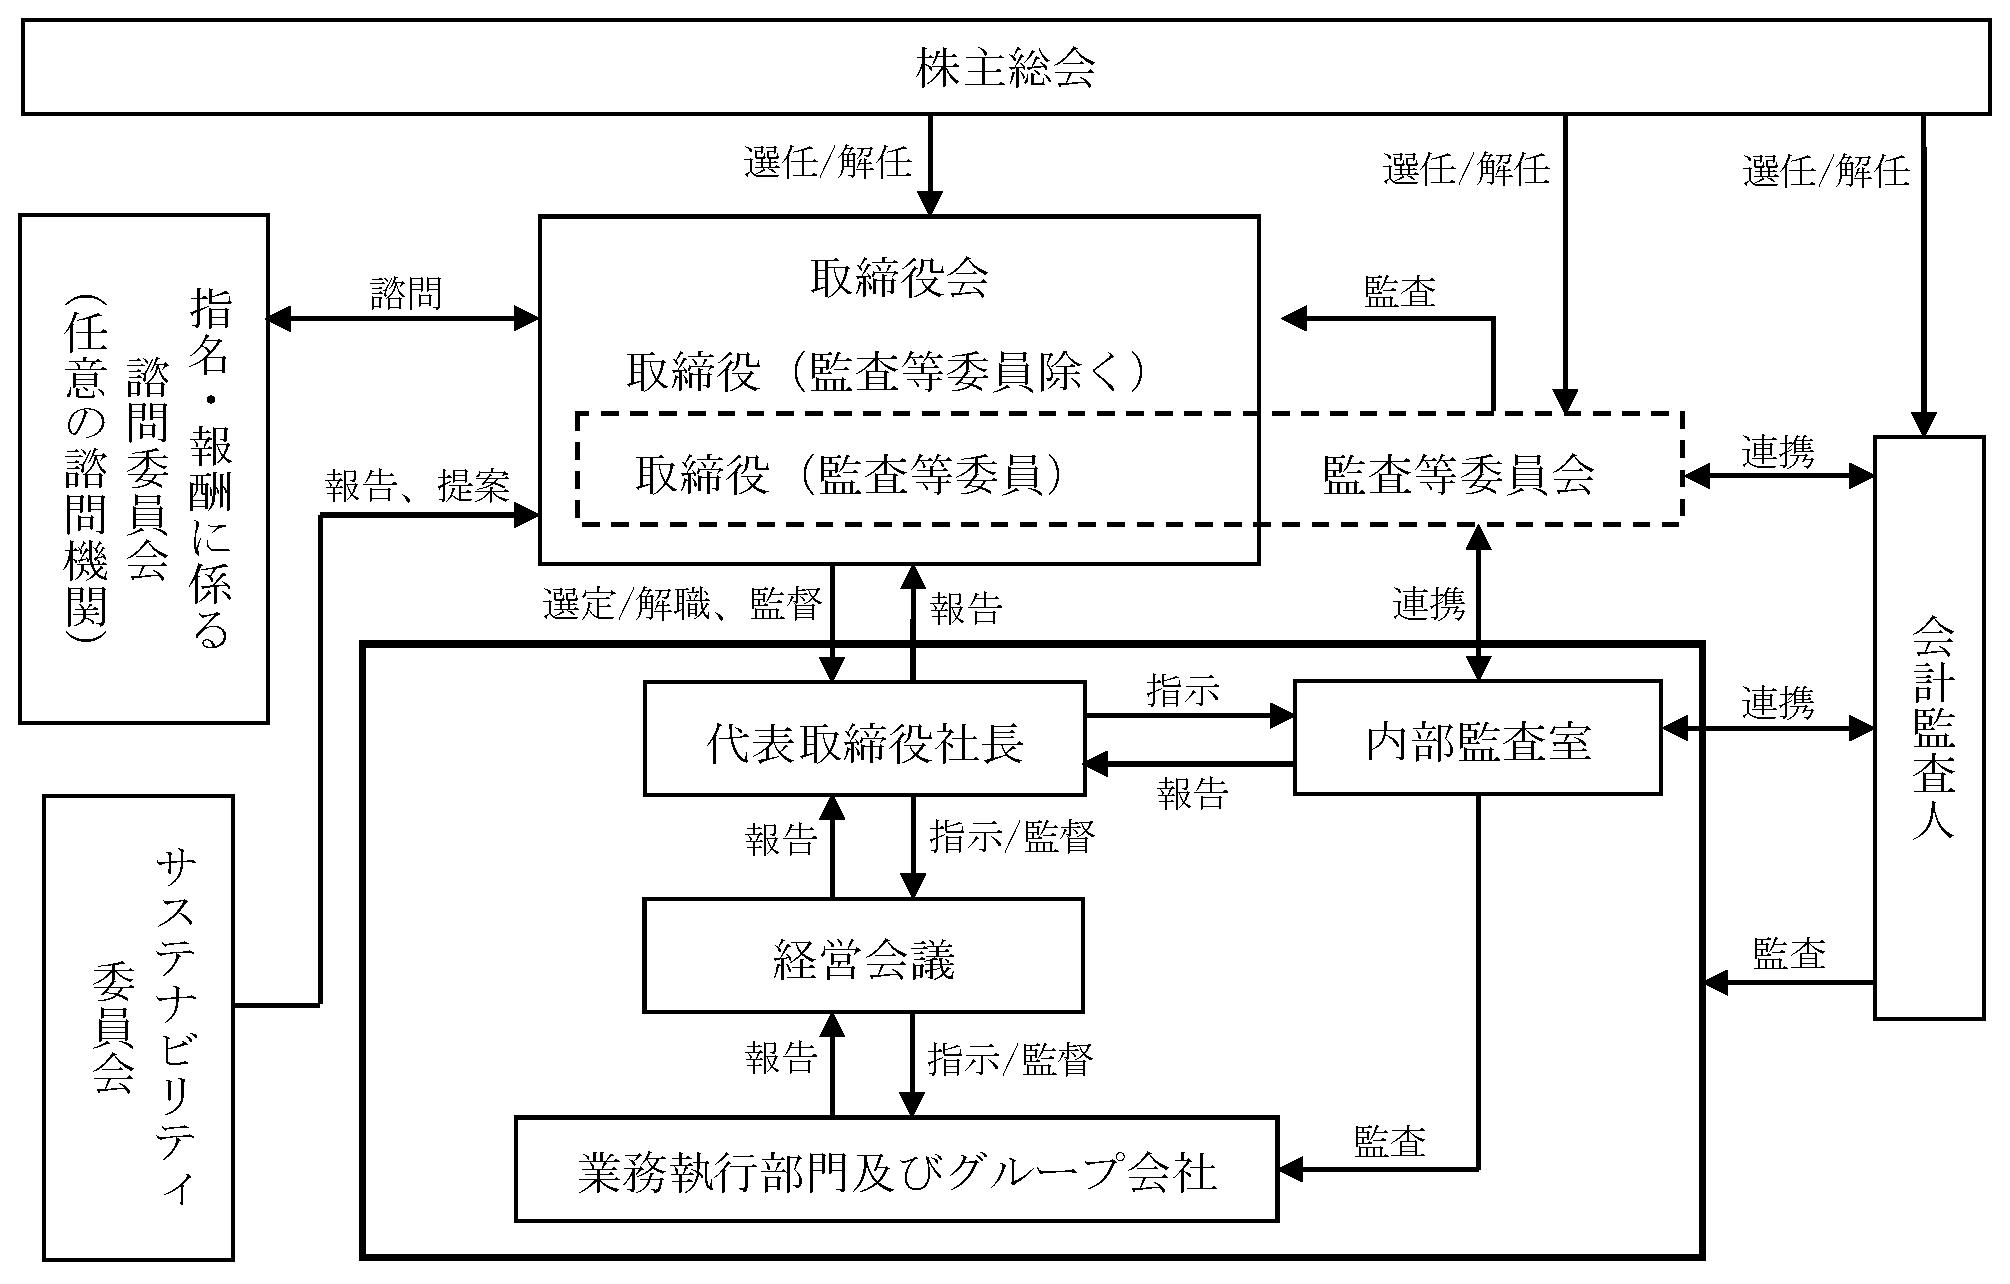 コーポレート・ガバナンス体制概念図